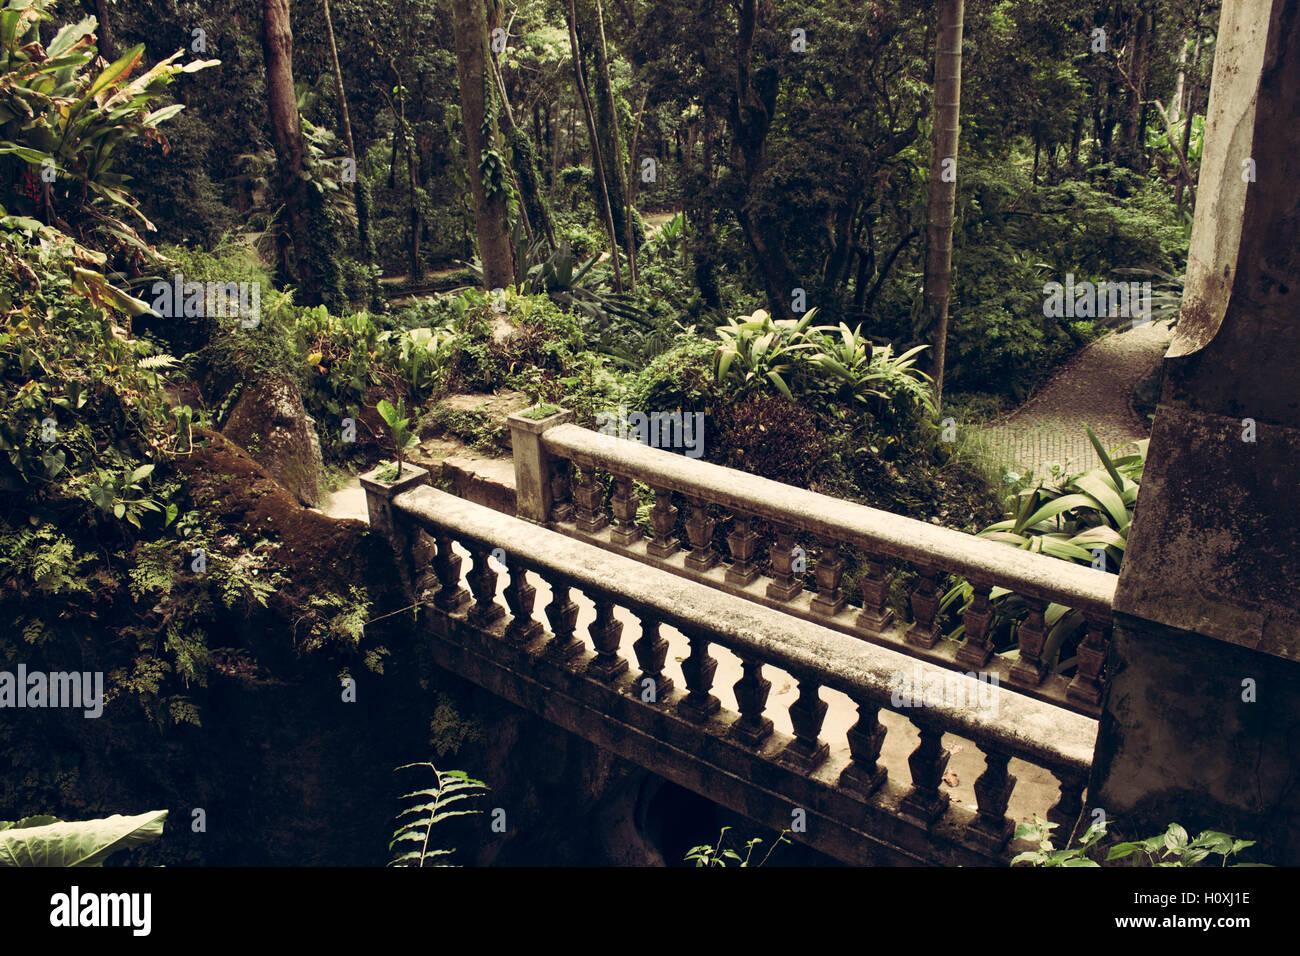 Bridge and garden of Parque Lage, in Rio de Janeiro, Brazil - Stock Image